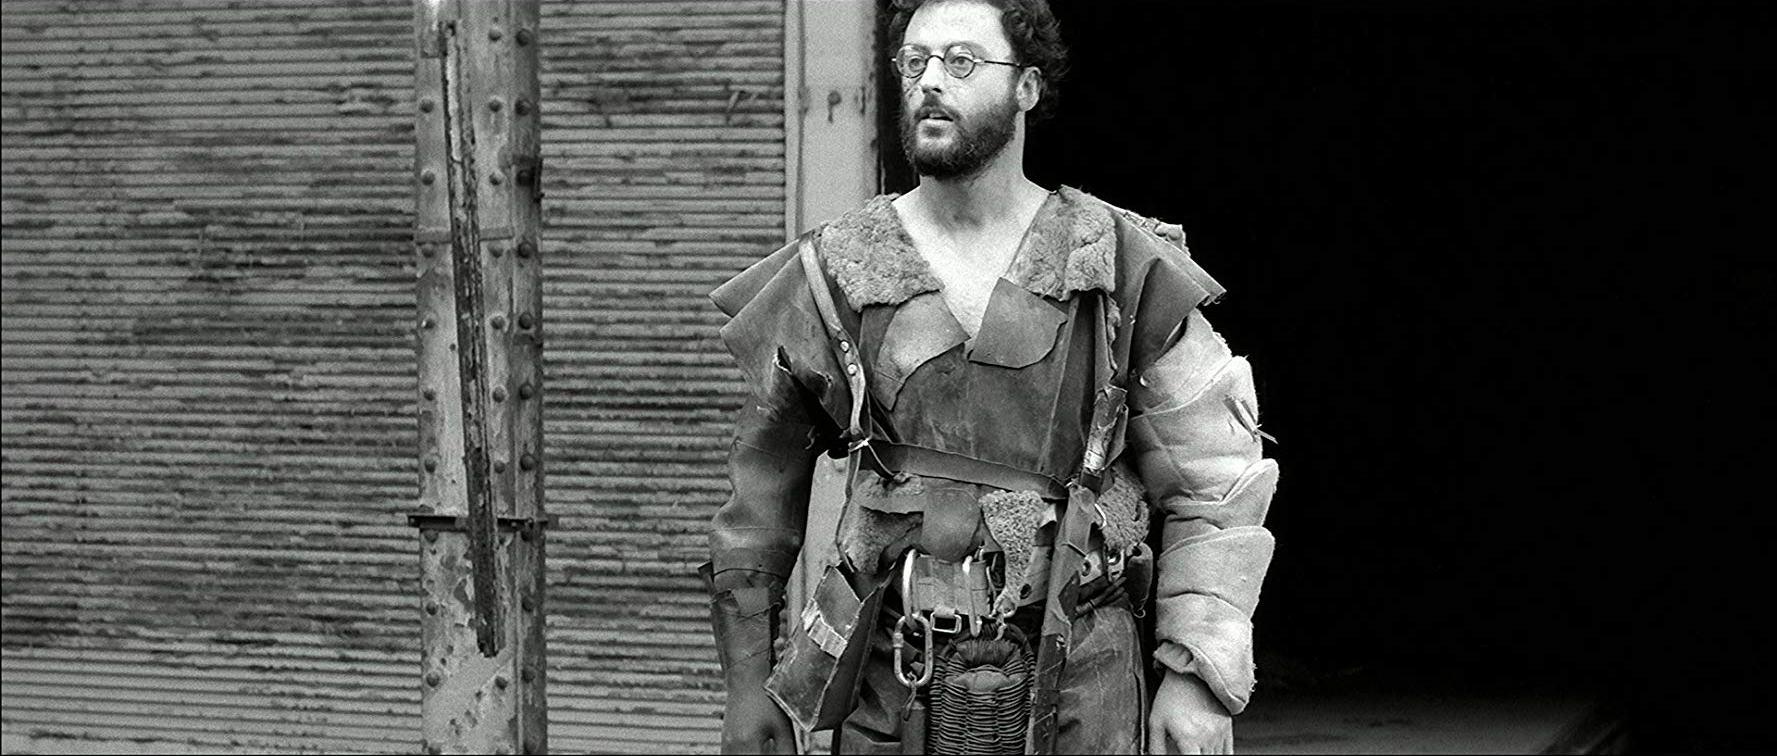 Jean Reno as The Brute in Le Dernier Combat (1983)